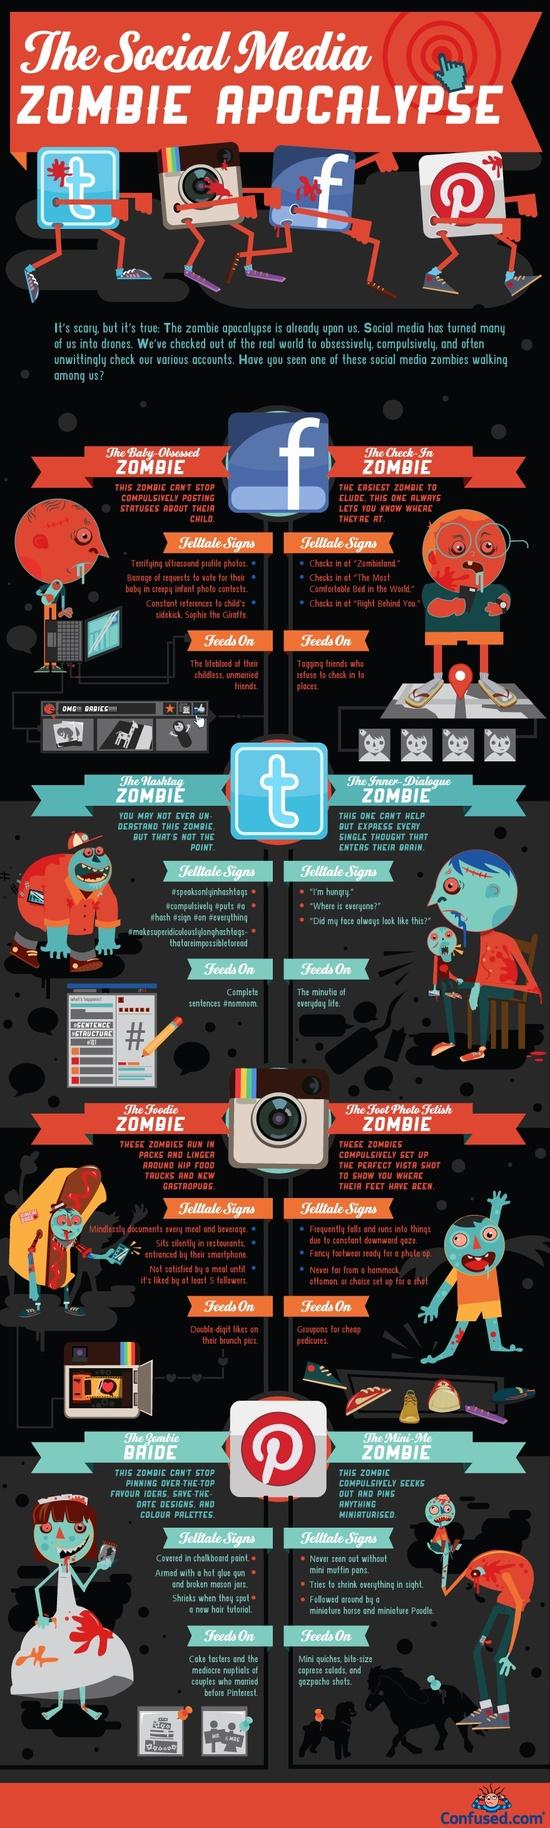 zombie-infographic